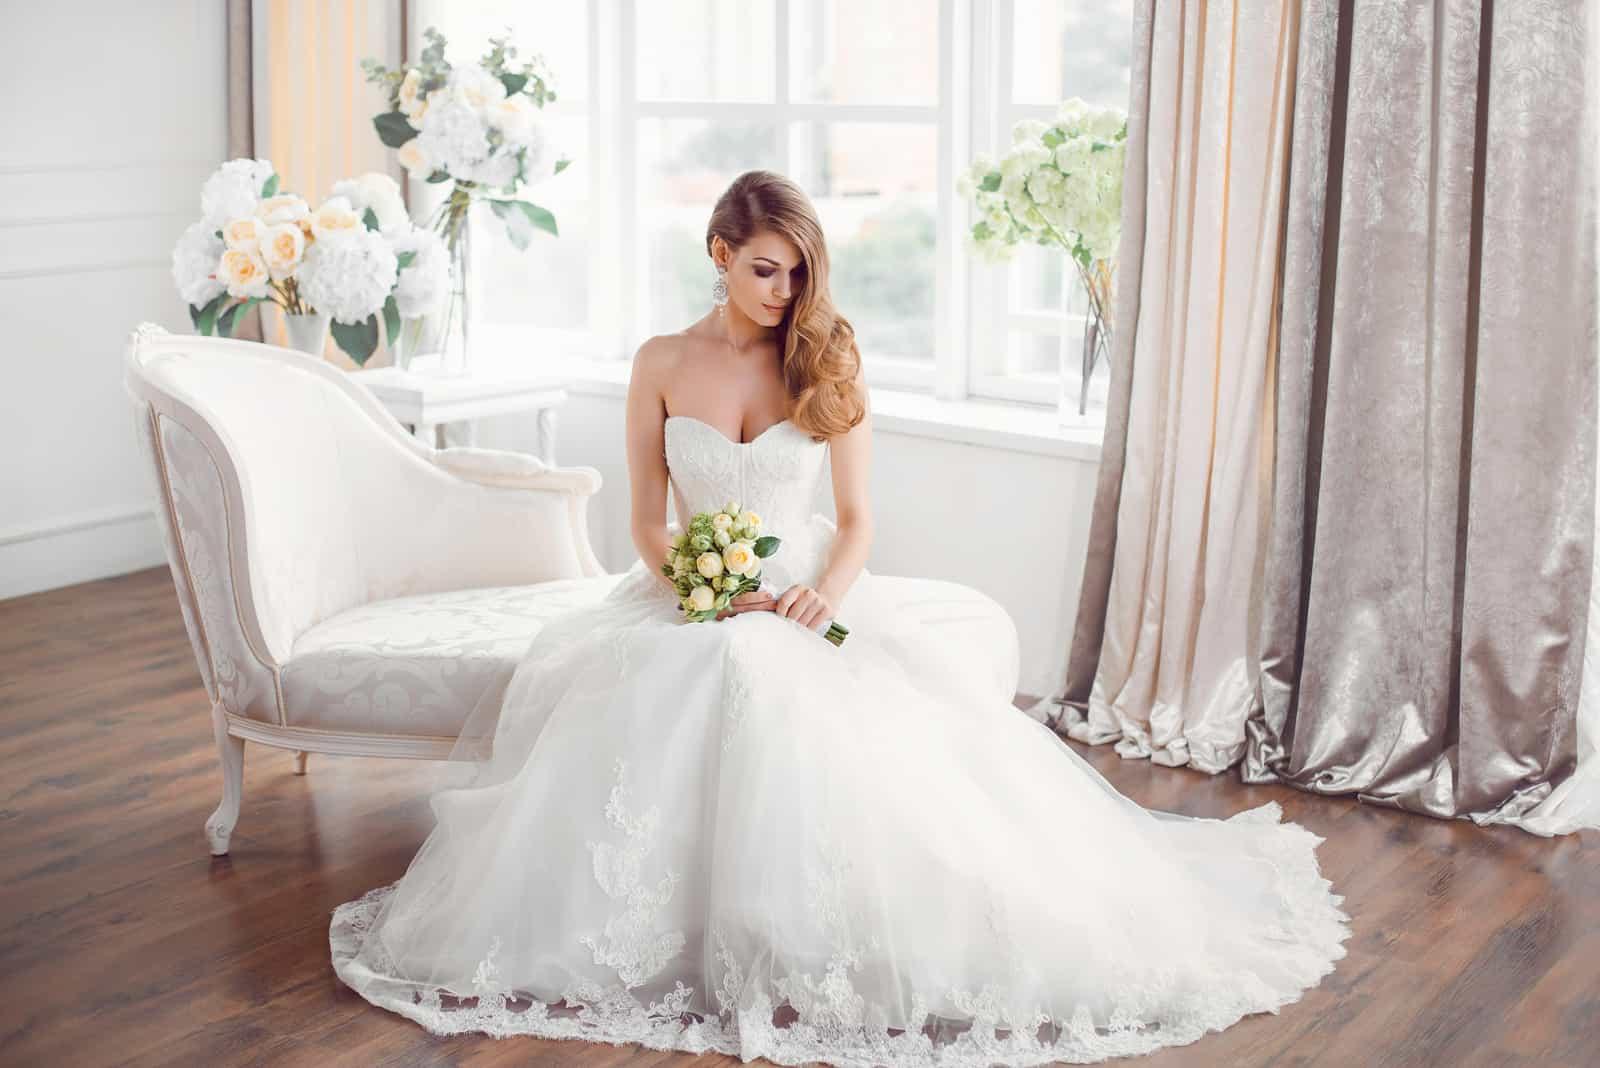 Braut im schönen Kleid sitzt auf Sofa drinnen